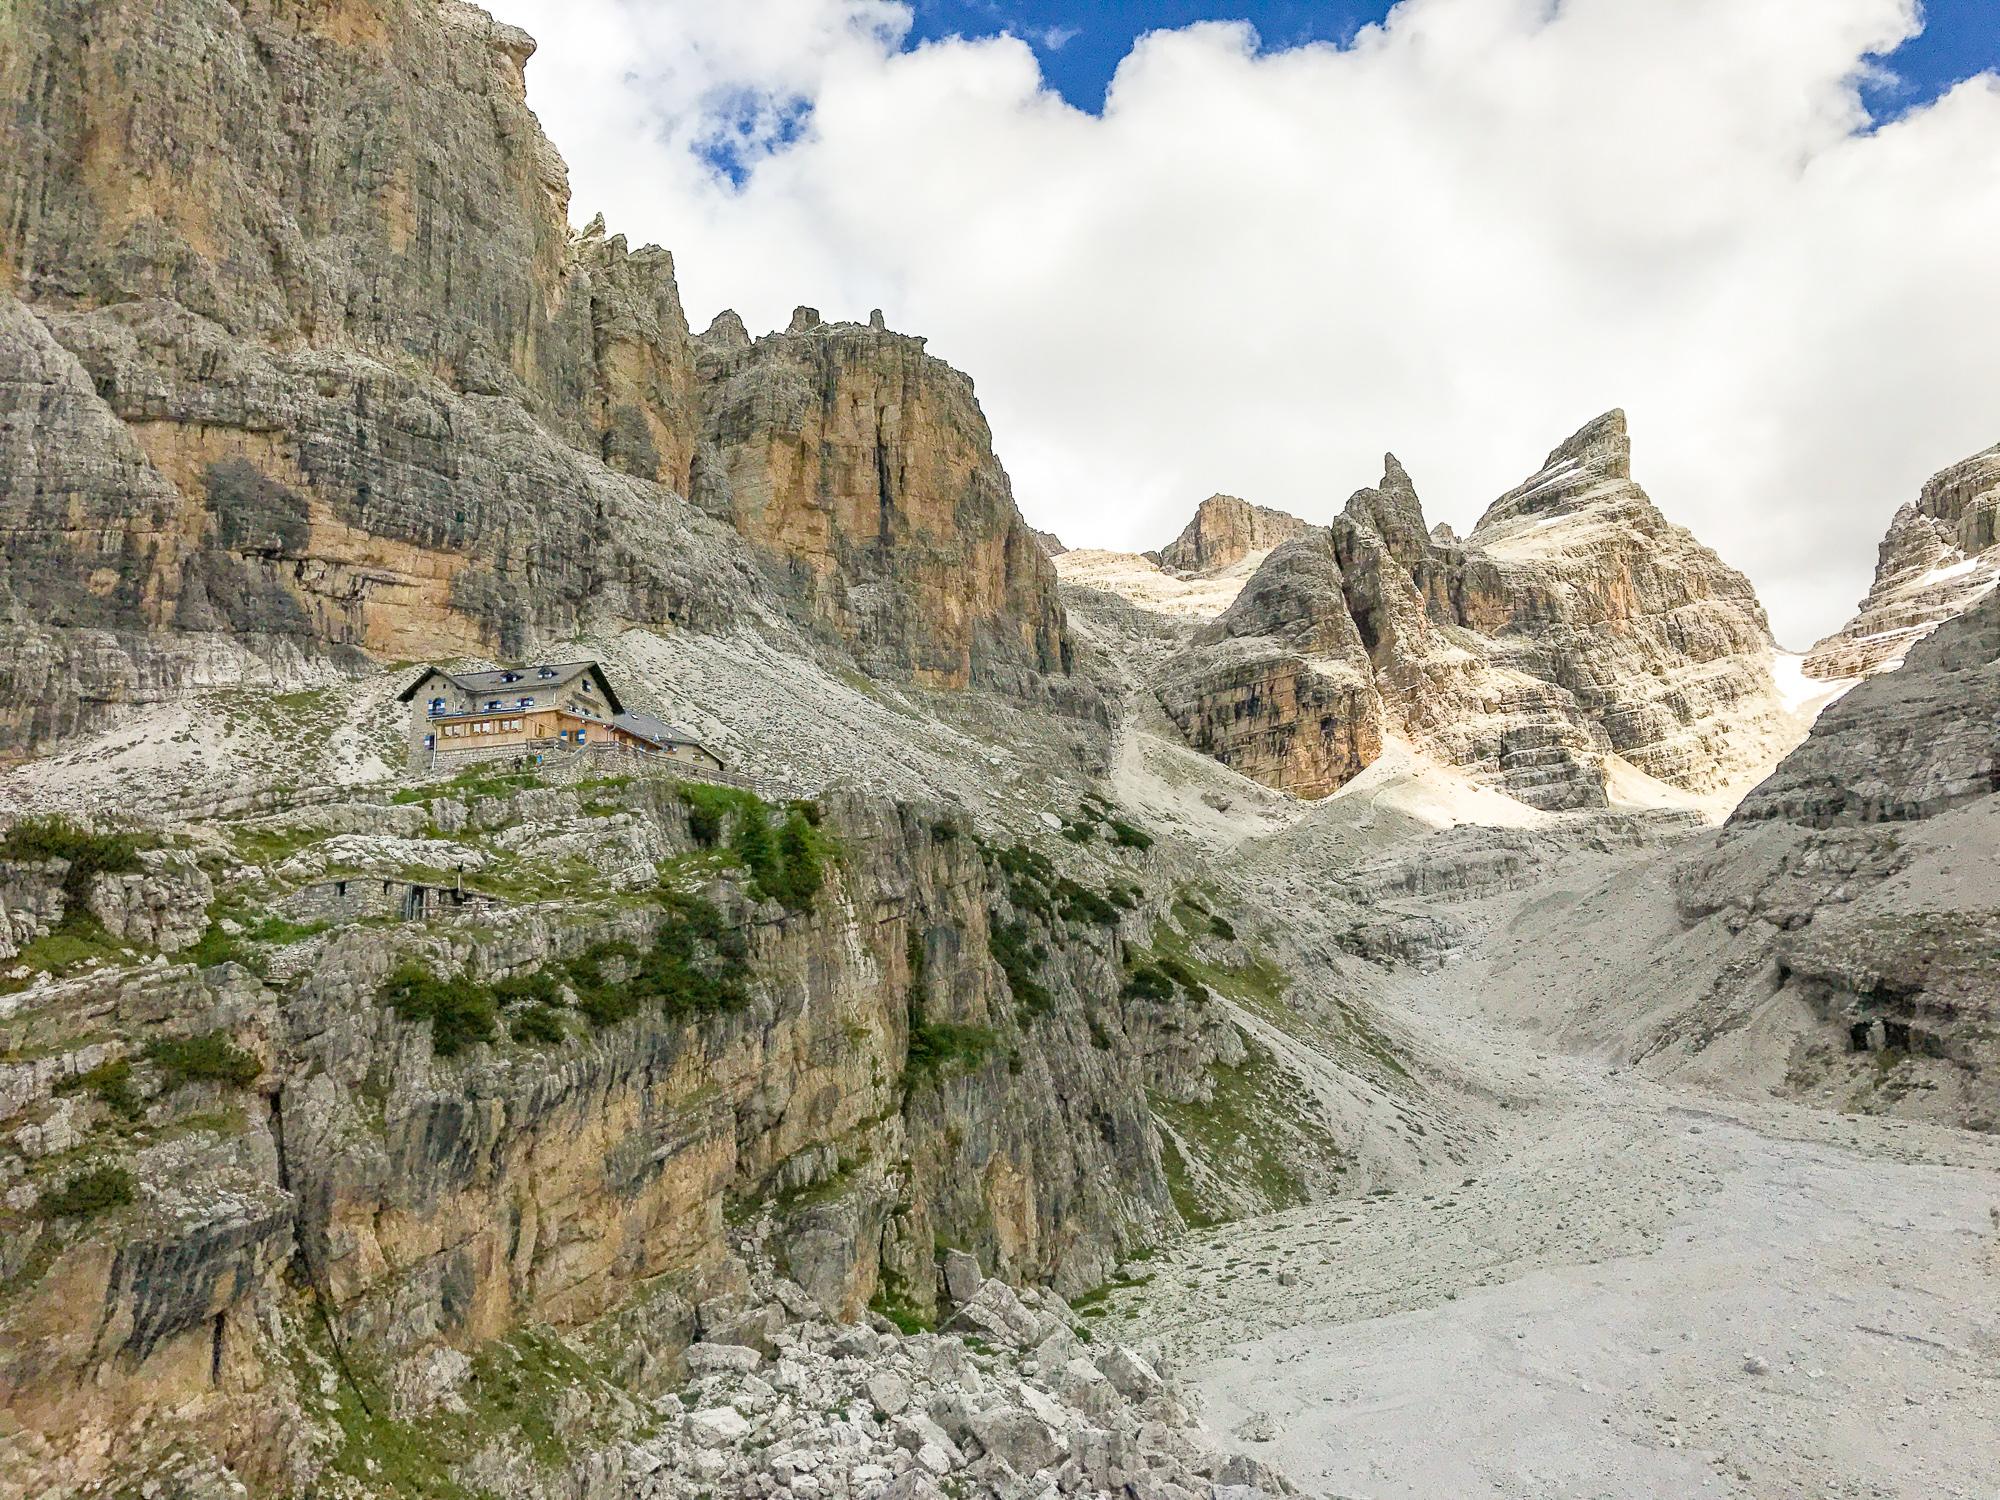 Rifugio Tuckett view